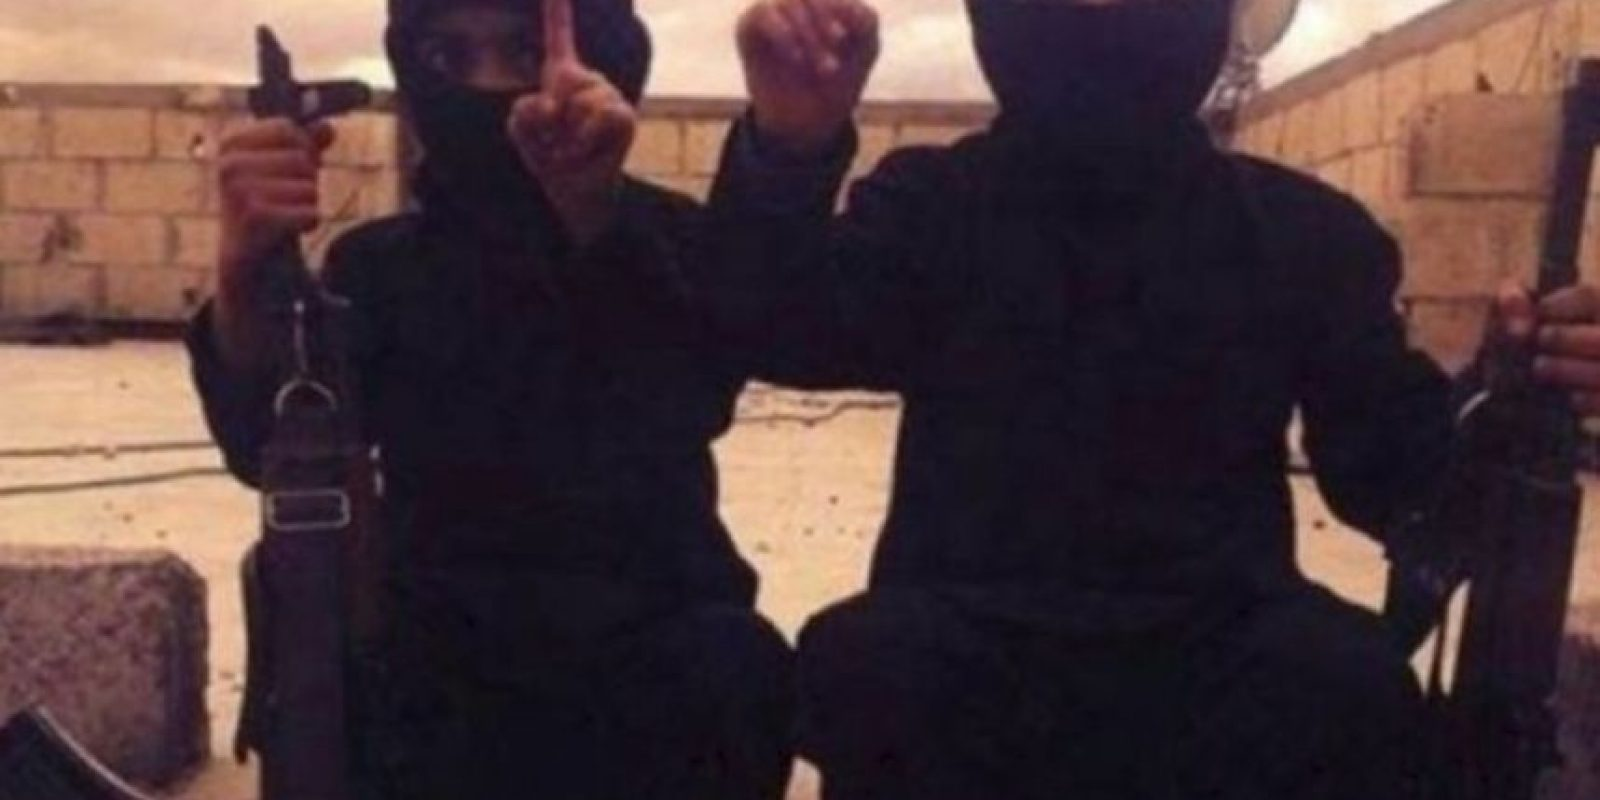 Ella asegura que ISIS vende a los menores como esclavos sexuales y los asesina mediante la crucifixión o enterrándolos vivos. También algunos trabajan para ISIS, como informantes, como hombres bomba o escudos humanos. Foto:Twitter.com – Archivo